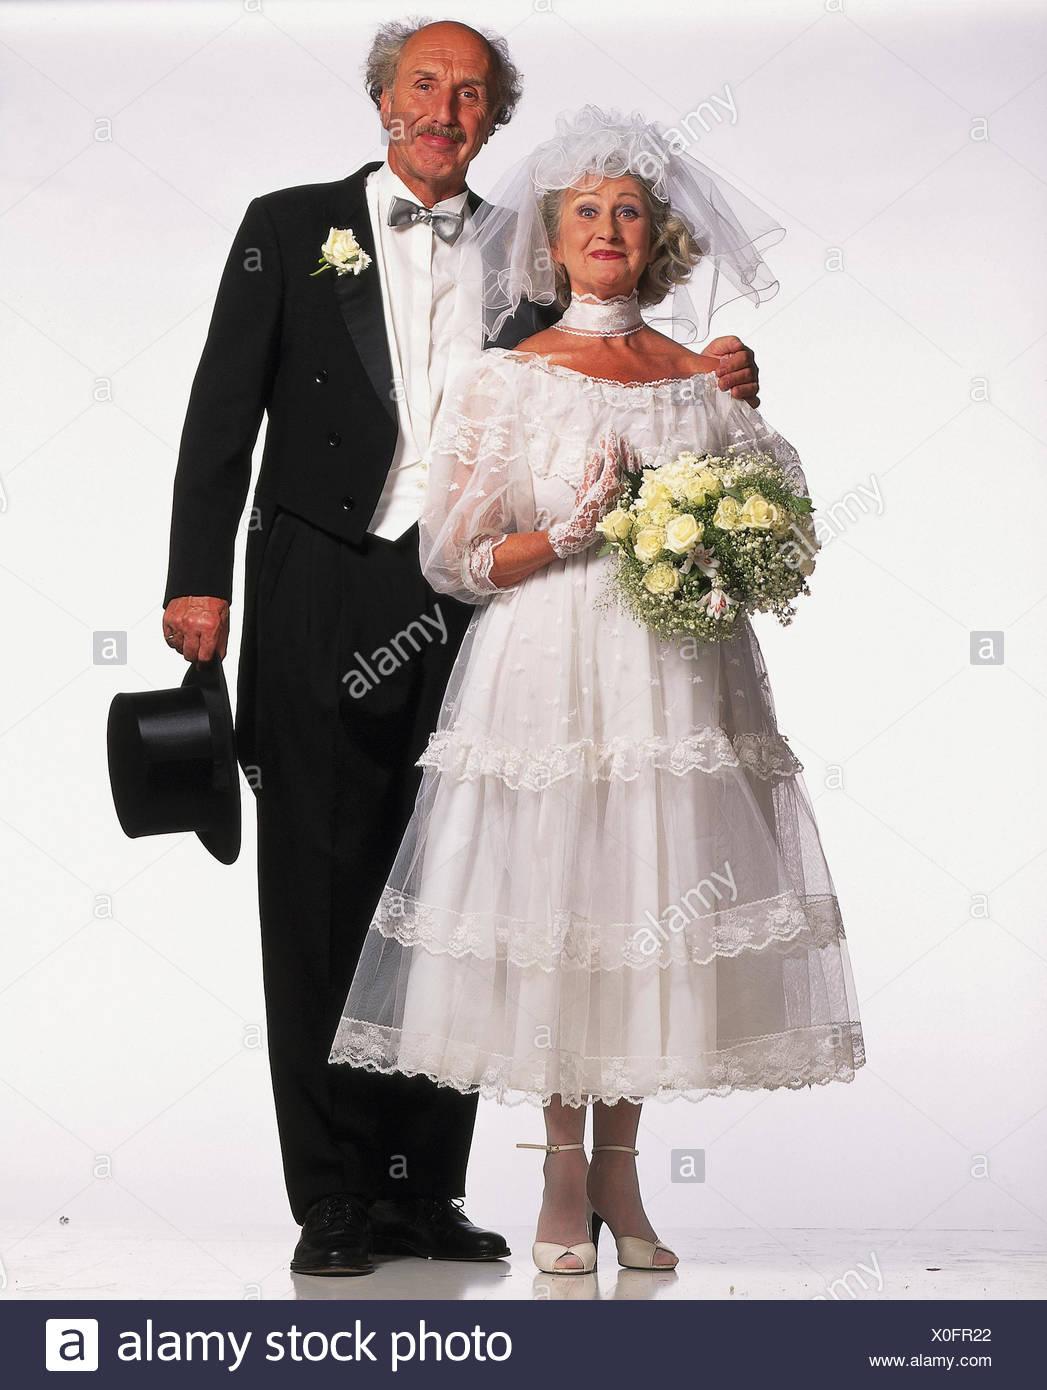 Braut und Brutigam Senioren Stnder Hochzeit Kleid wei Braut Strau Frack Zylinder